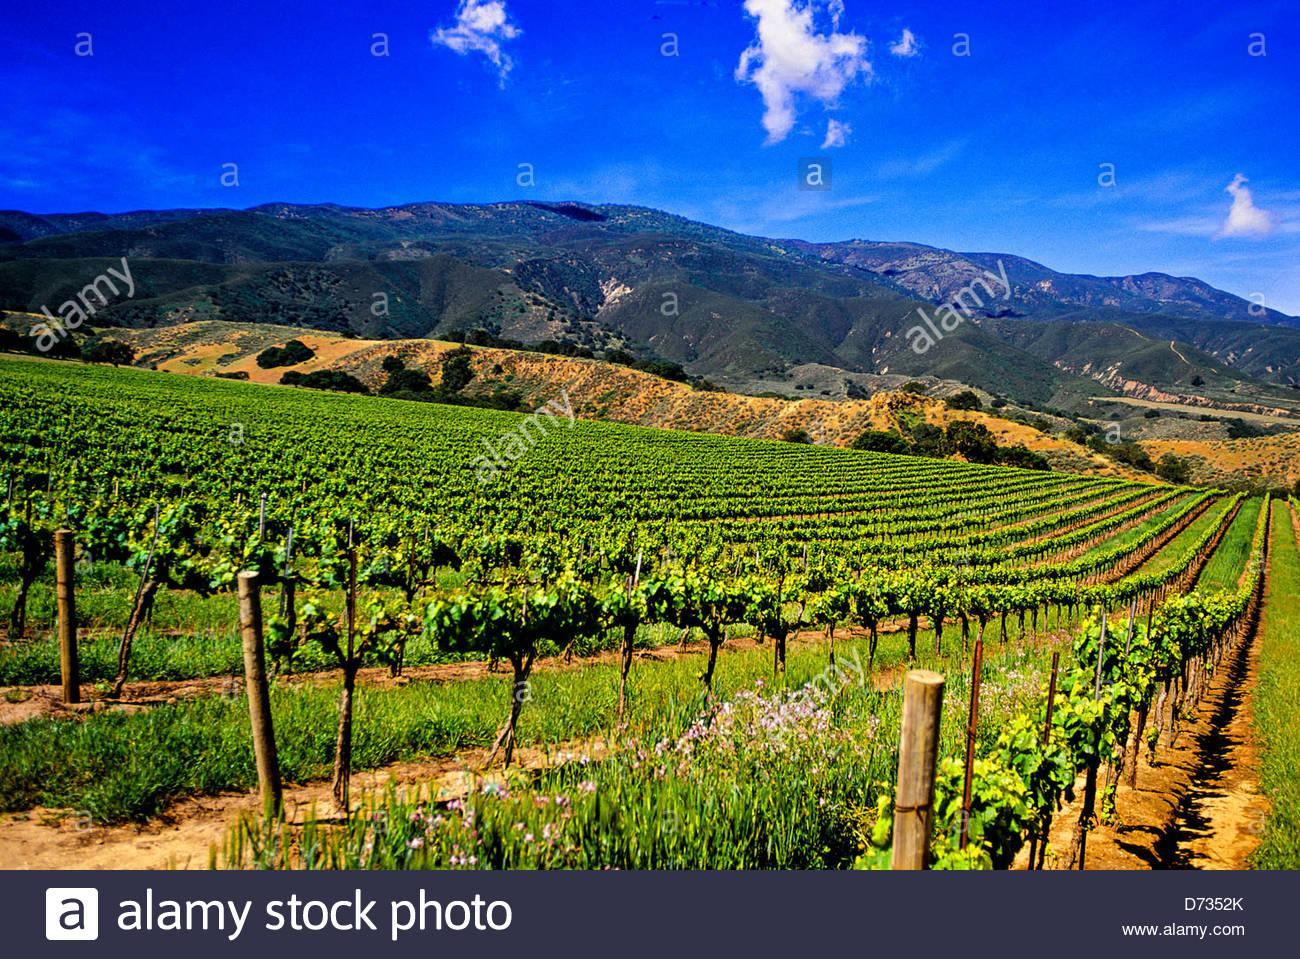 Paraíso de viñedos, el Condado de Monterey, California, EE.UU. Imagen De Stock